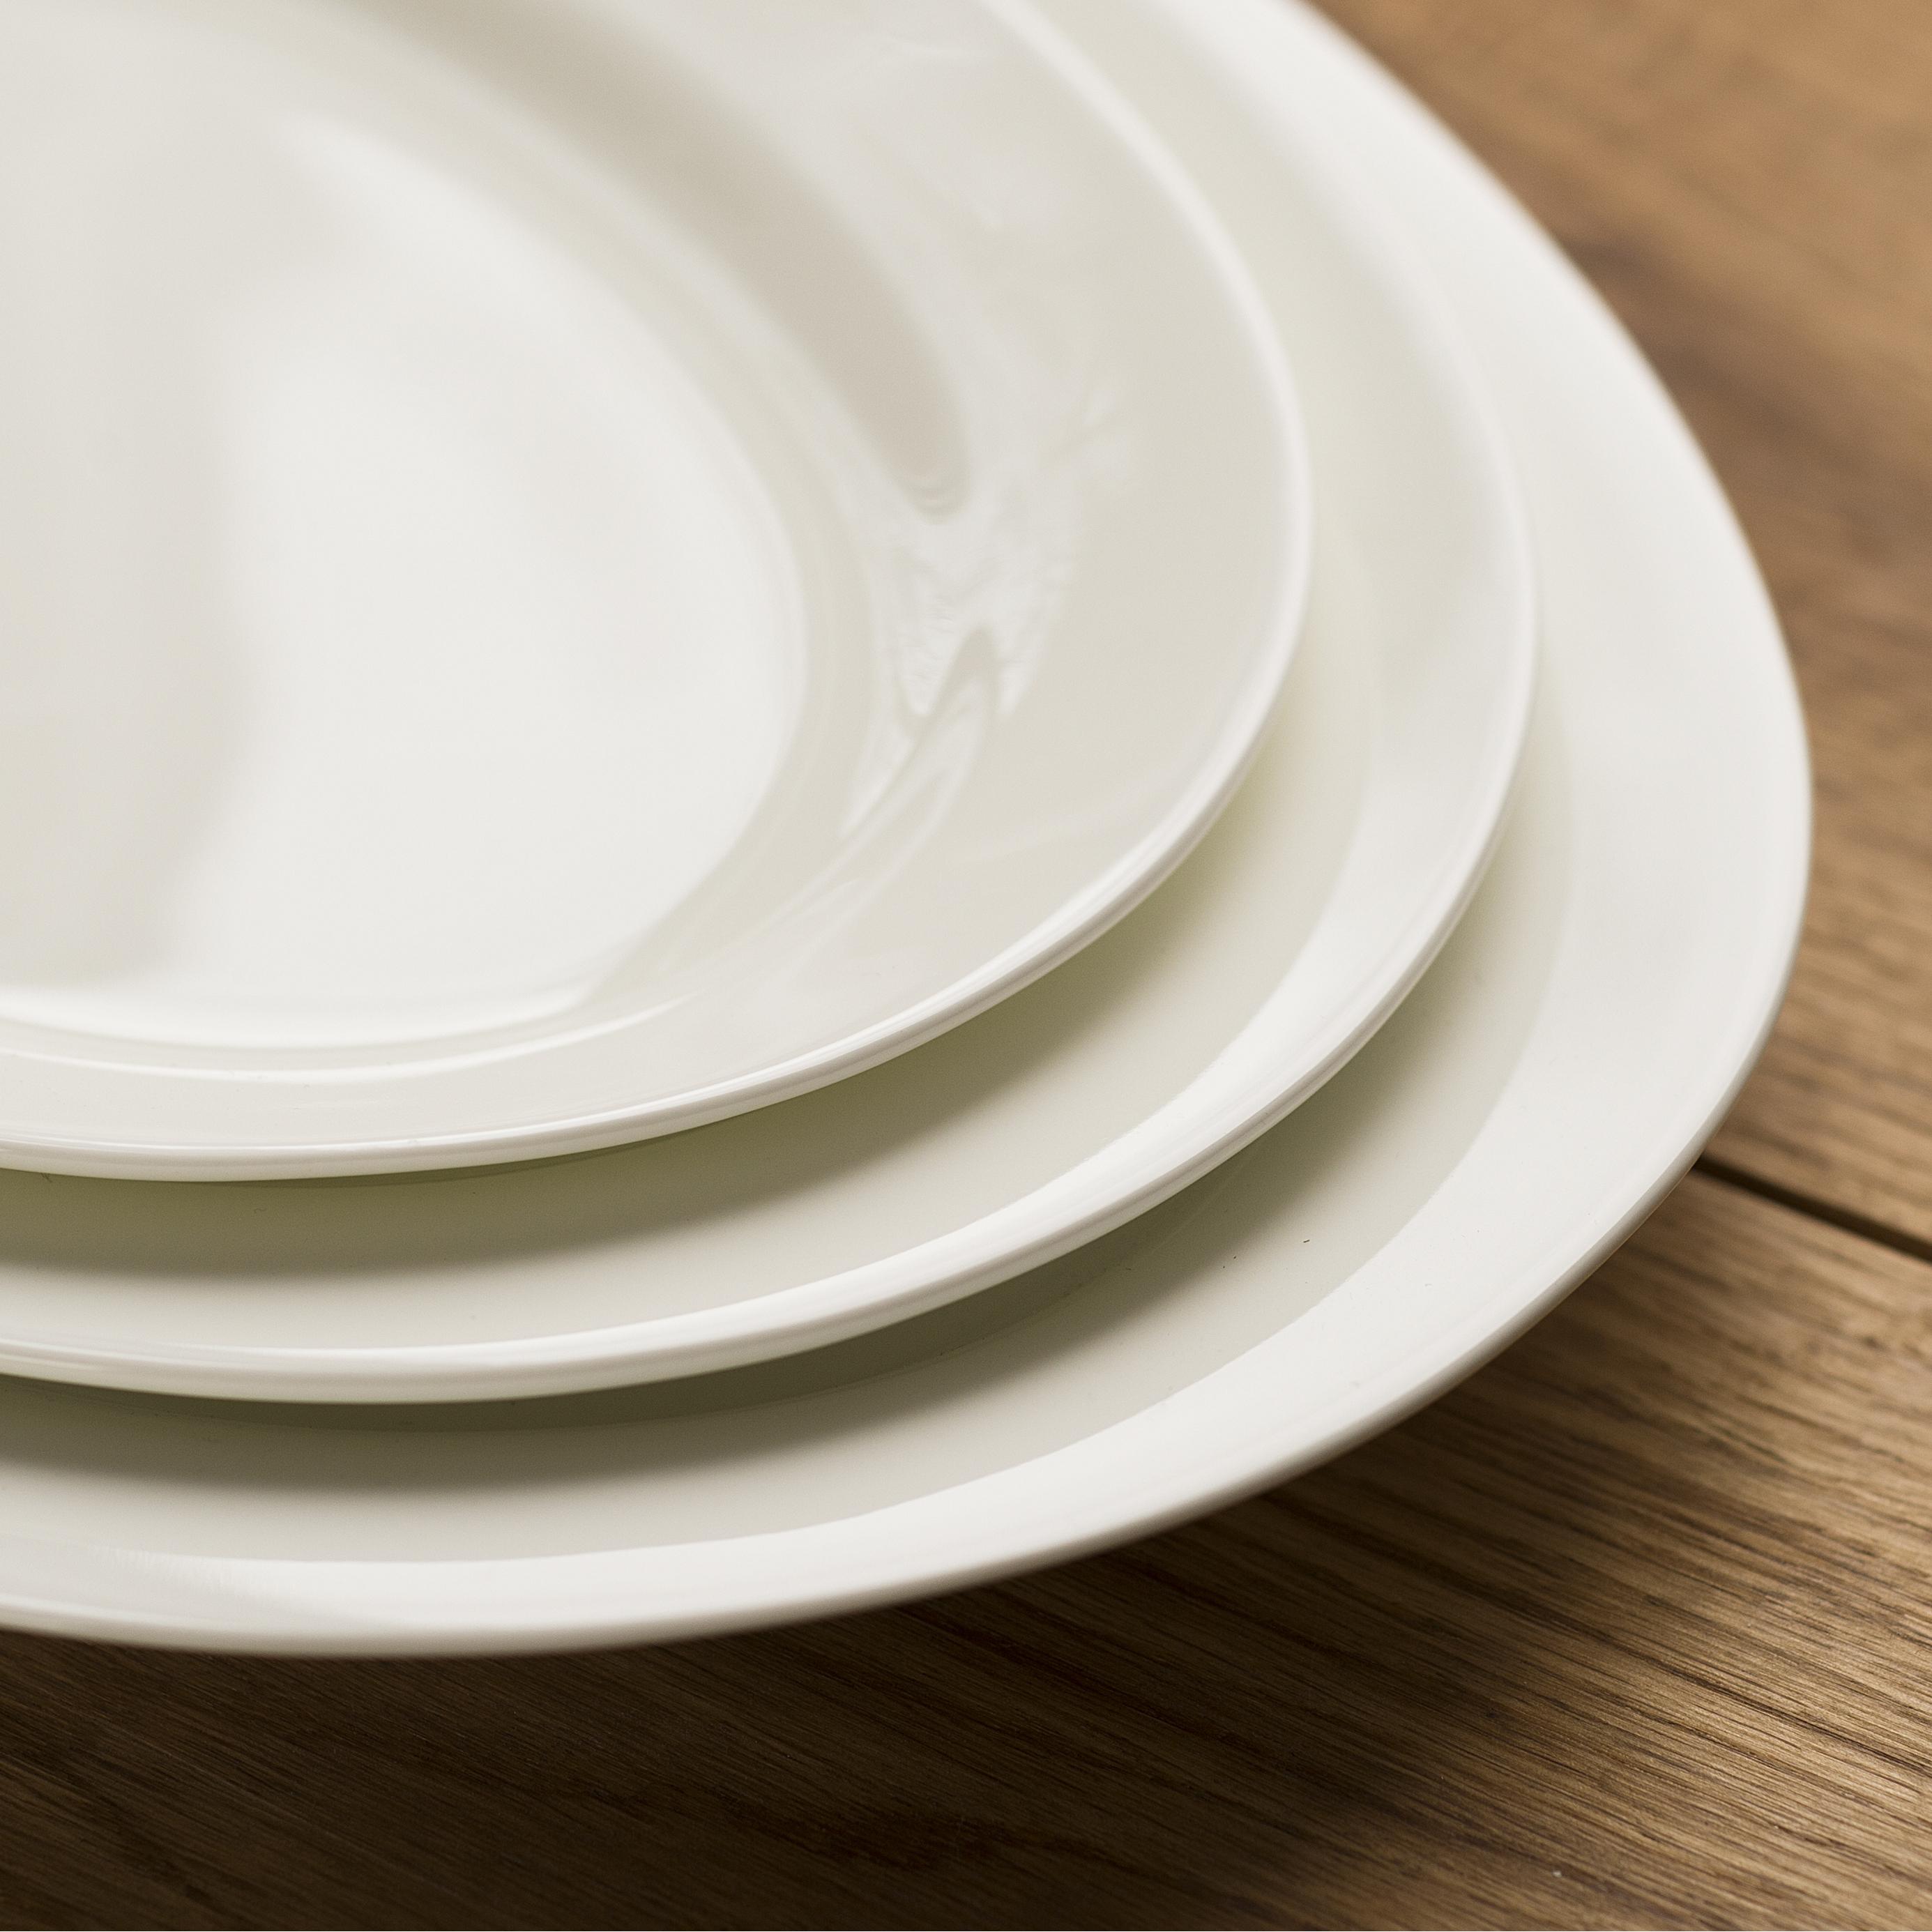 Torquato fine bone china kleine platte bei - Opslagoplossing kleine platte ...